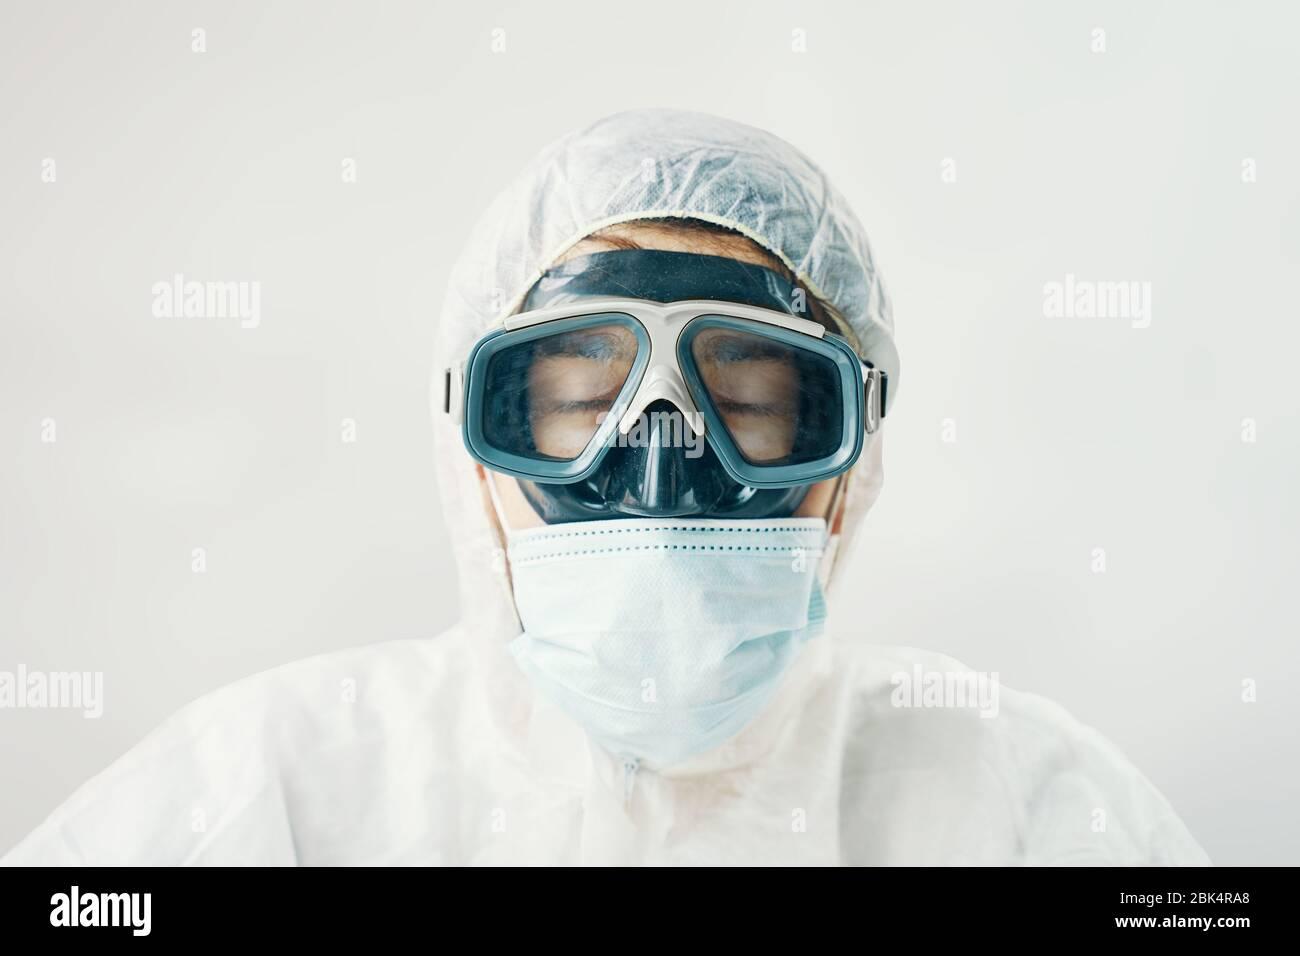 Médico muy cansado con los ojos cerrados. Hombre profesional en traje con capucha para protección contra riesgos biológicos Foto de stock